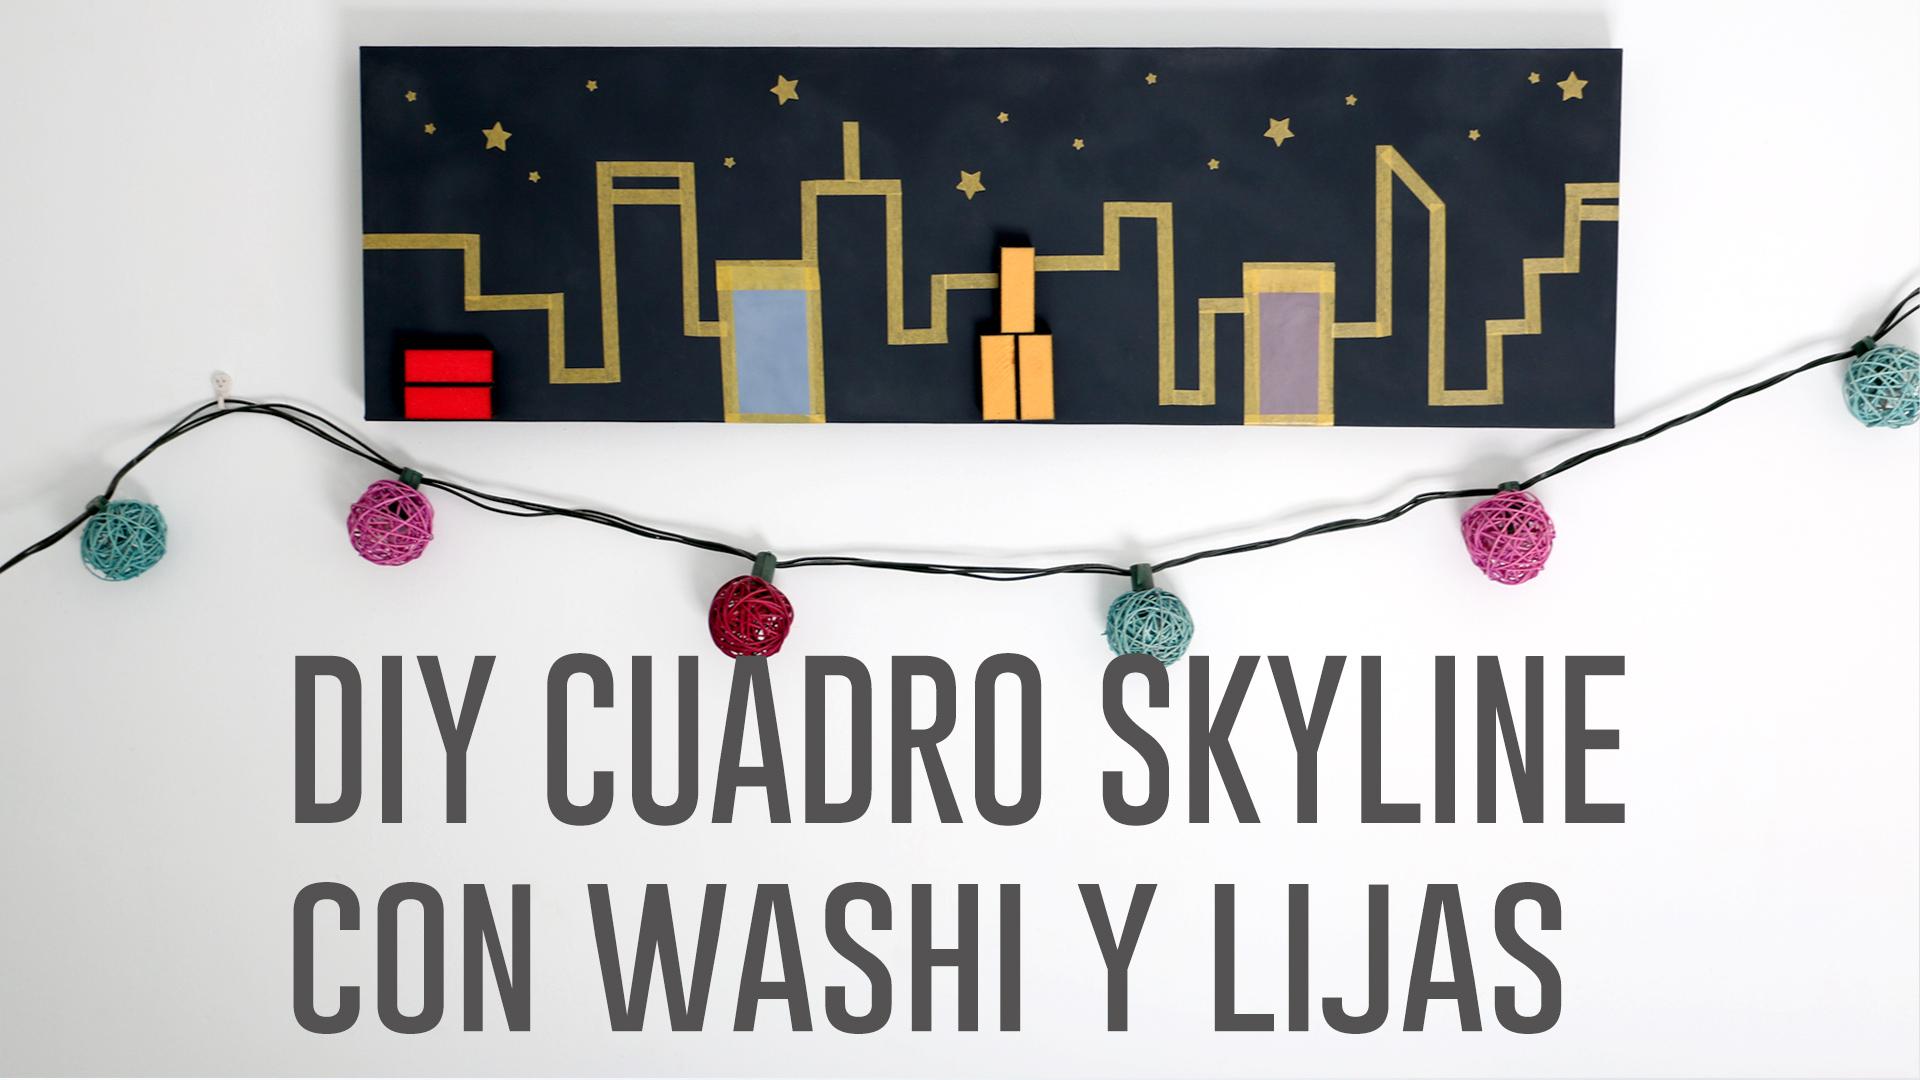 DIY CUADRO SKYLINE CON WASHI Y LIJAS.Imagen fija001